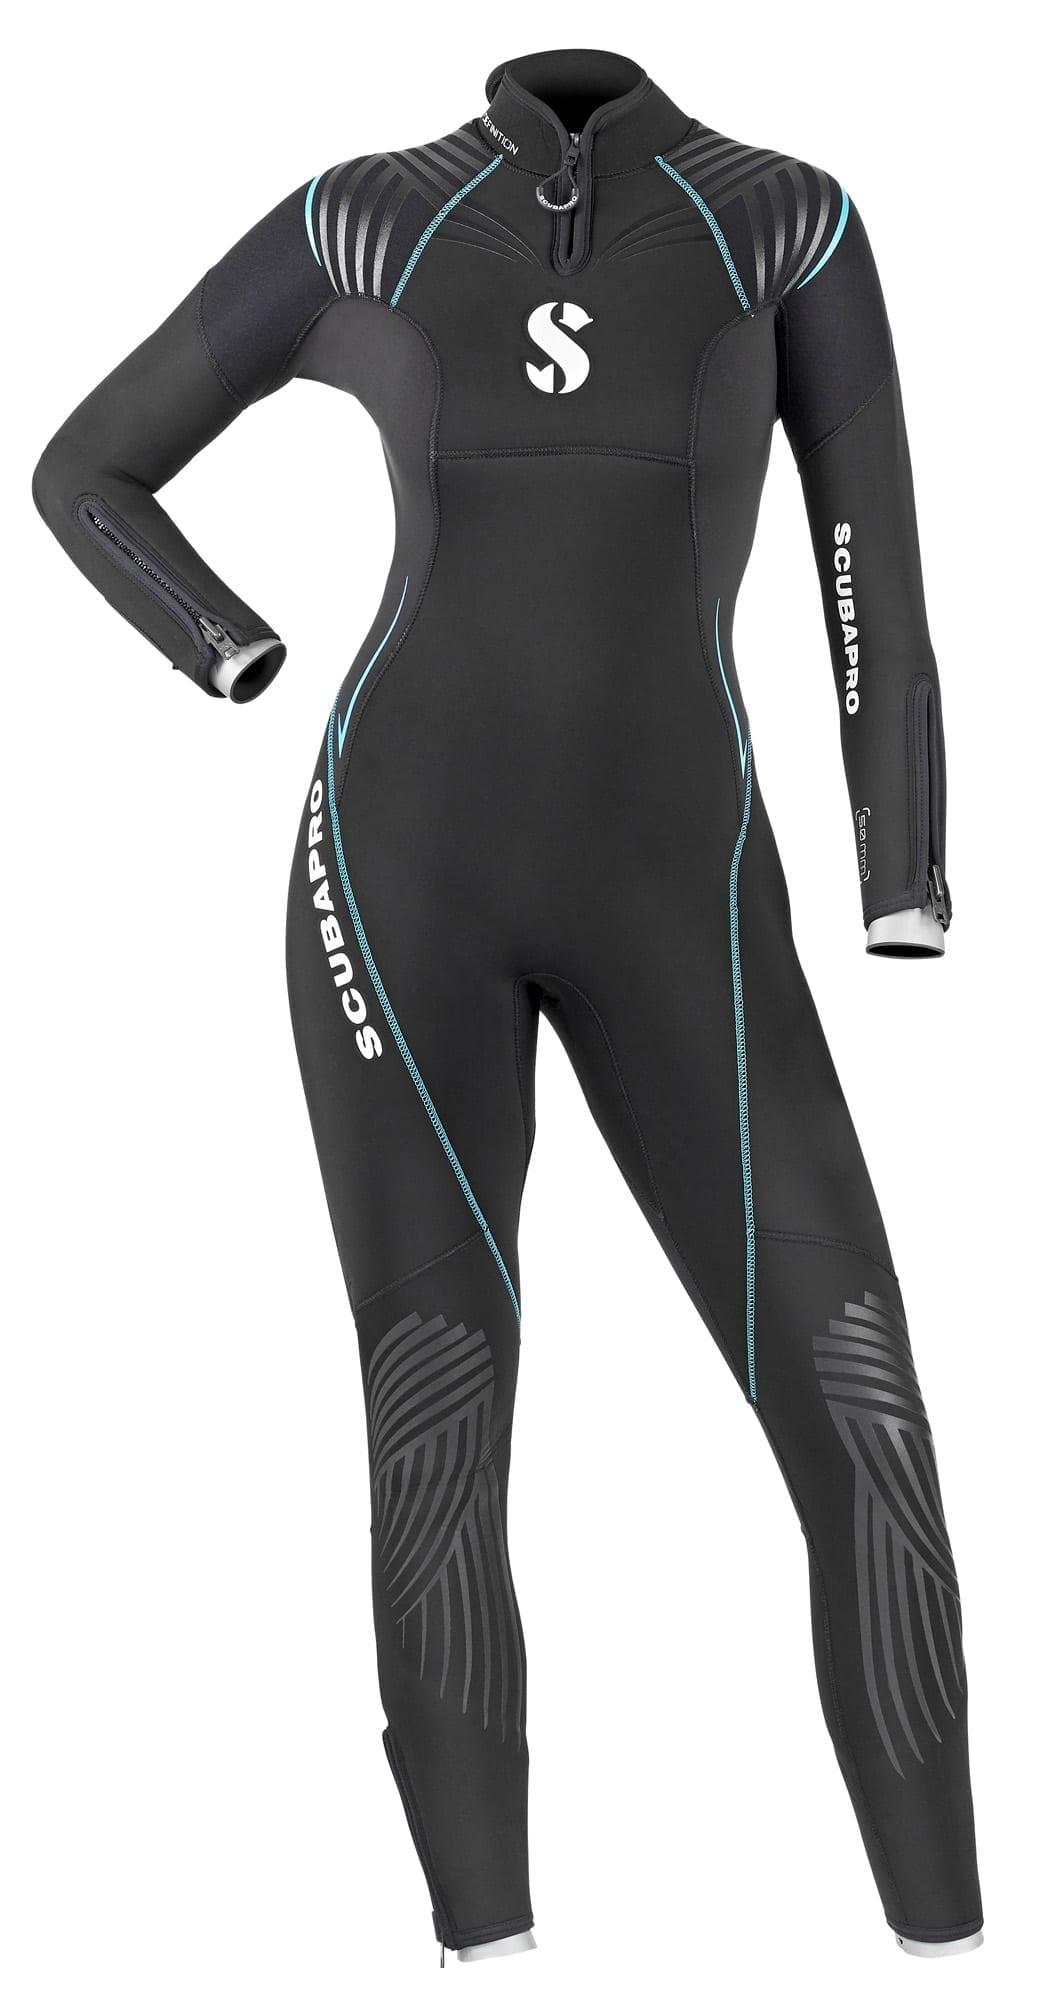 Дамски неопренов водолазен костюм DEFINITION Lady 5 мм - Scubapro